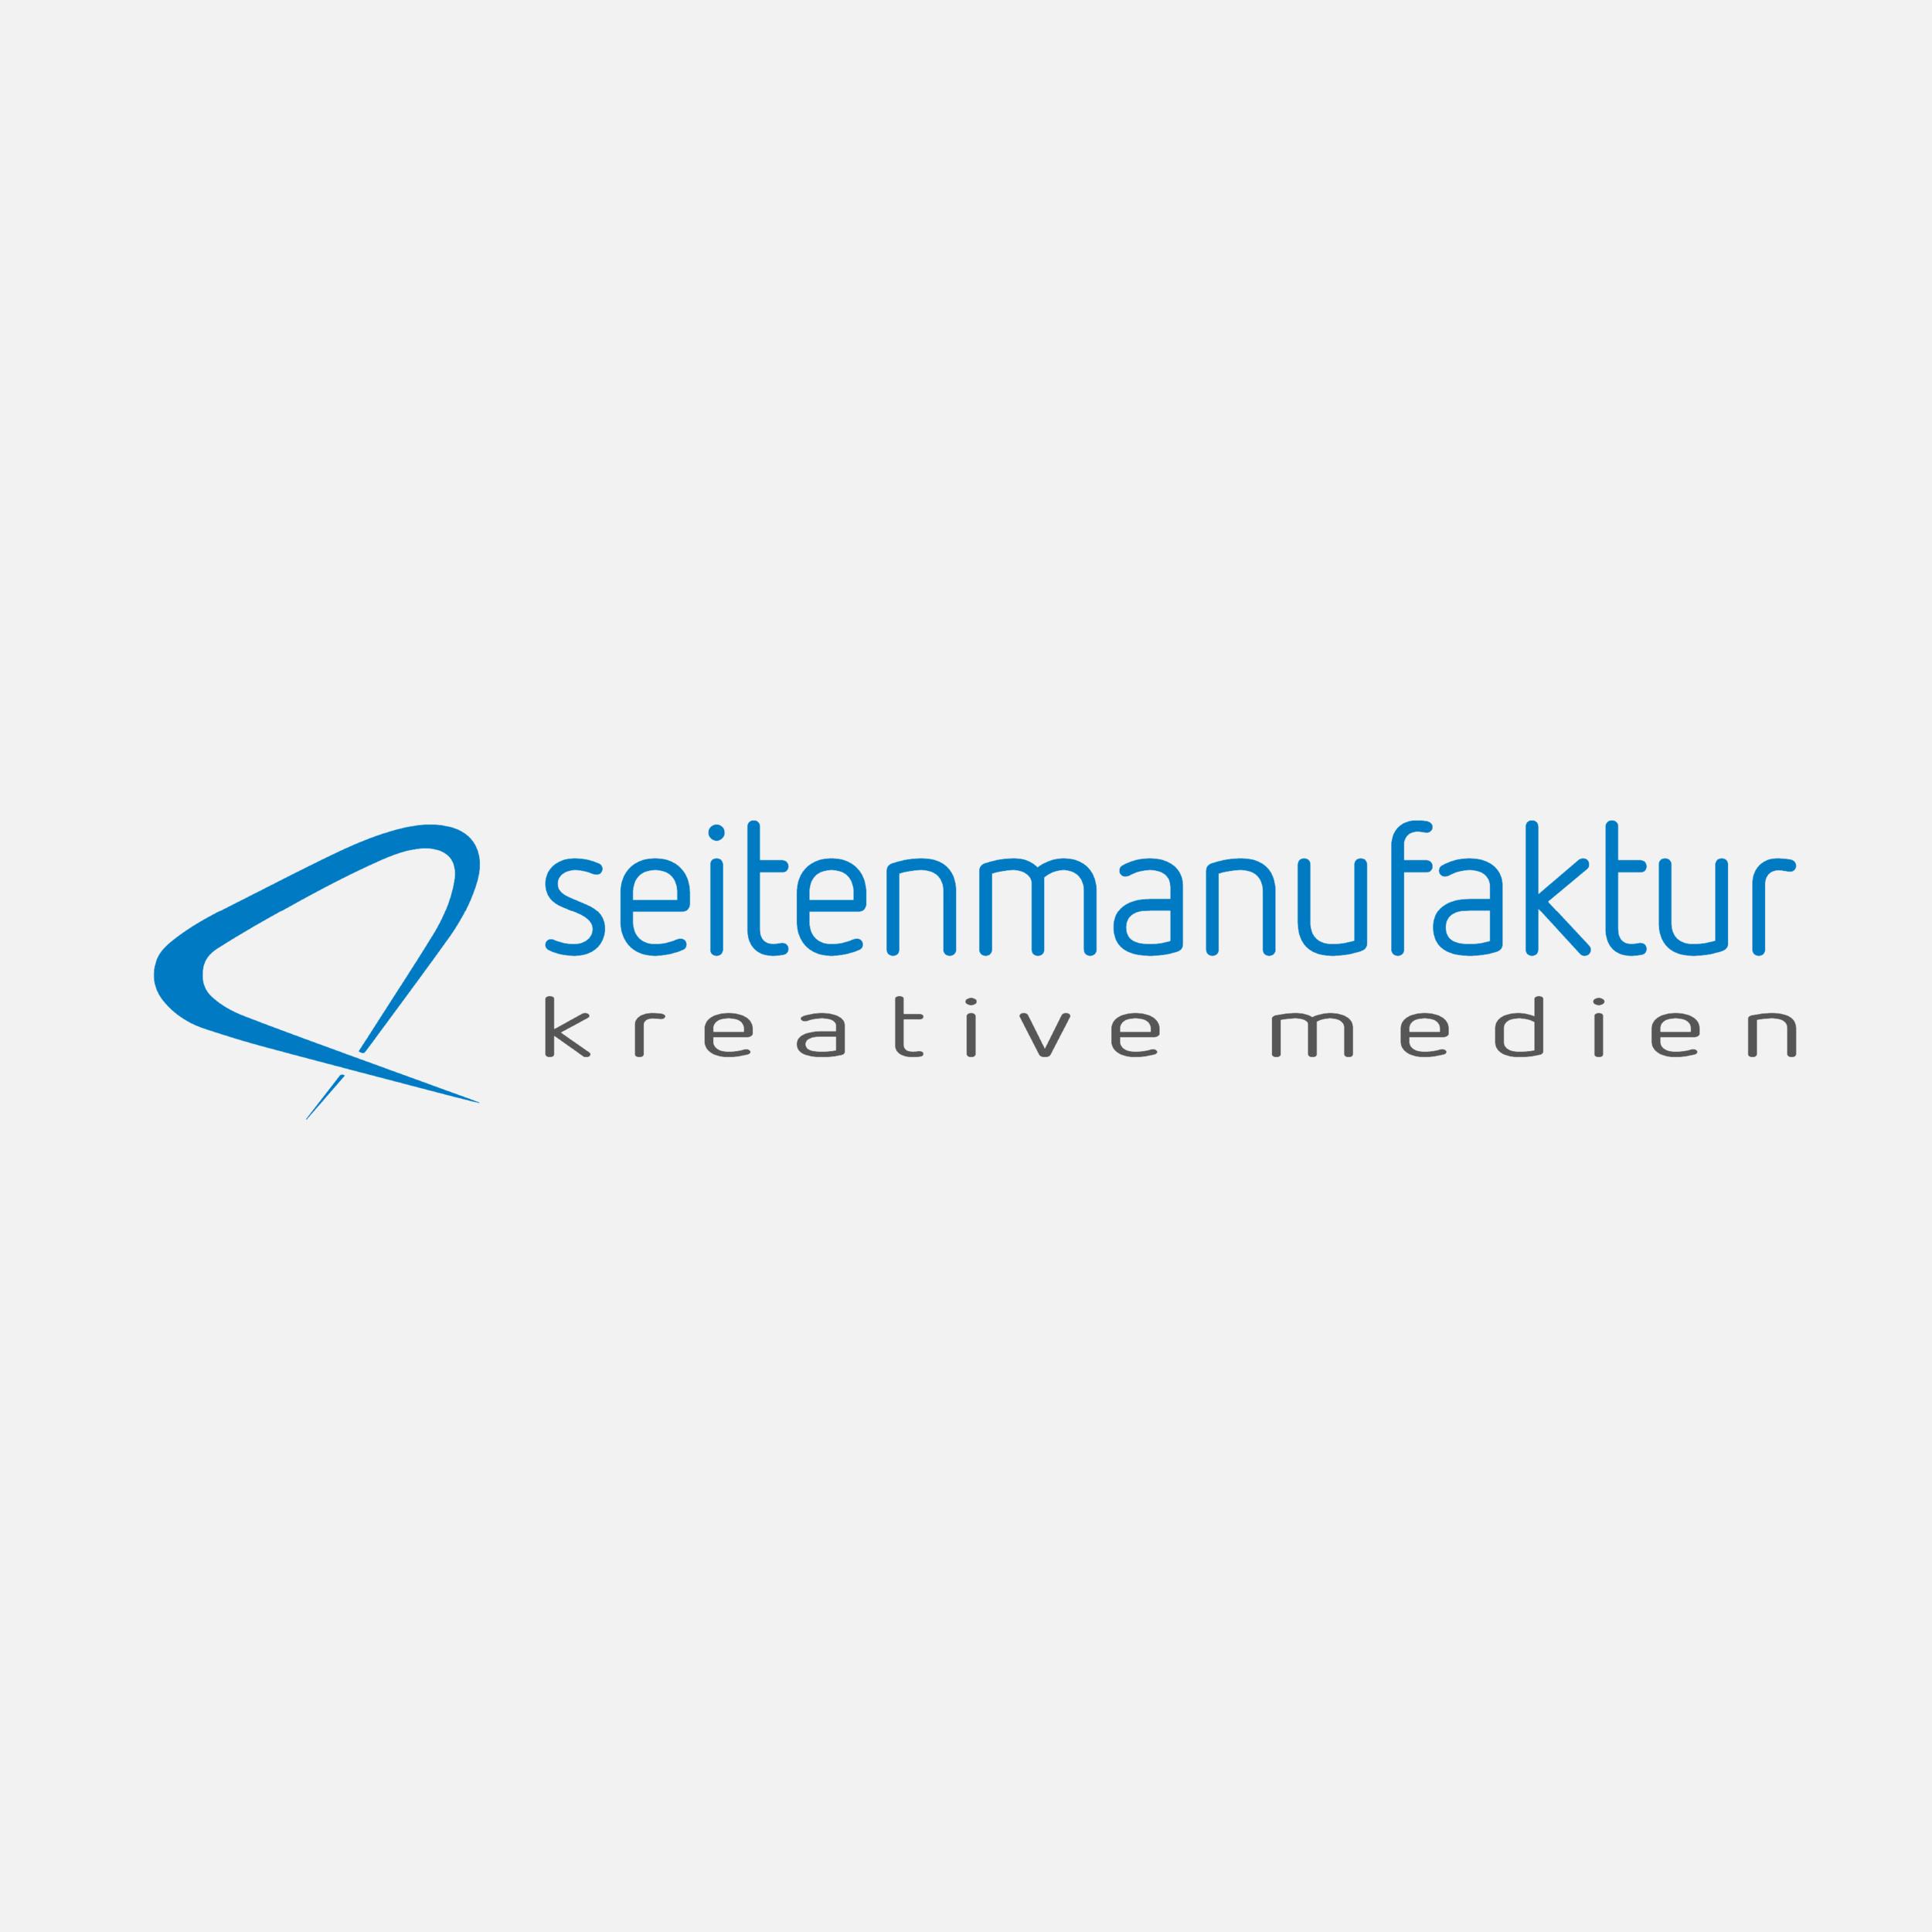 SEITENMANUFAKTUR ALTENBURG  KREATIVE MEDIEN / WERBEAGENTUR